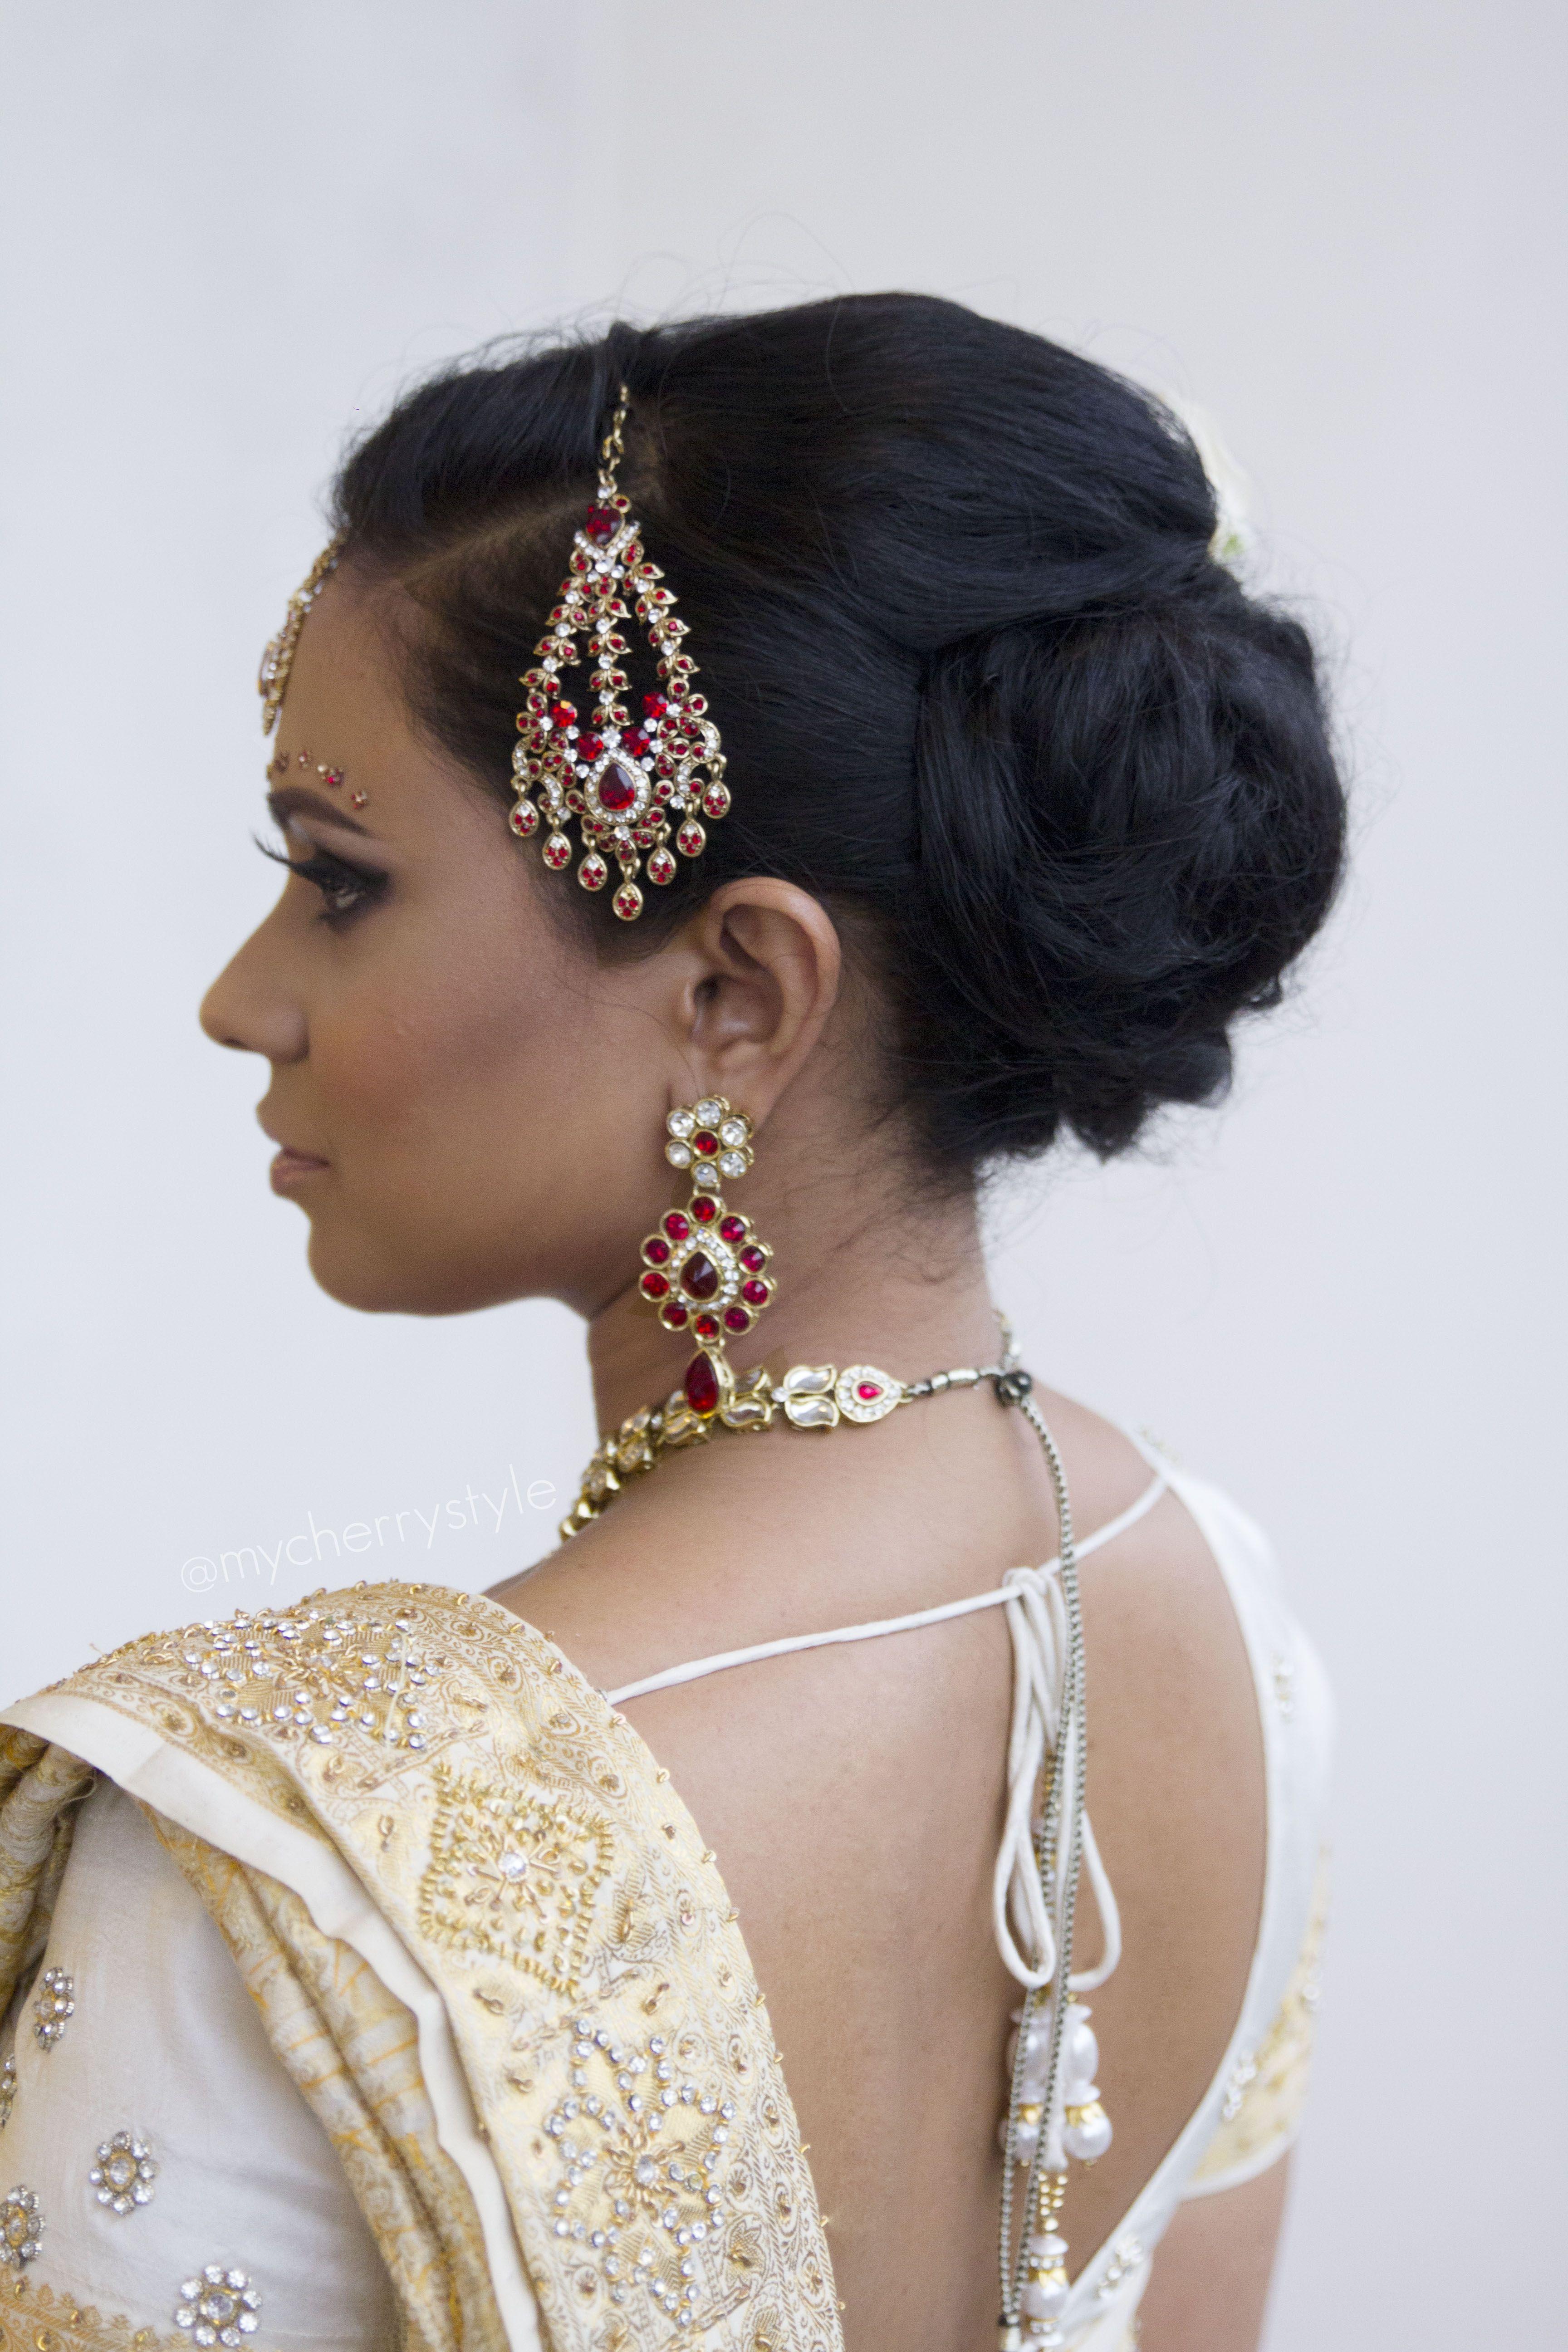 Modern Indian bridal hairdo/updo